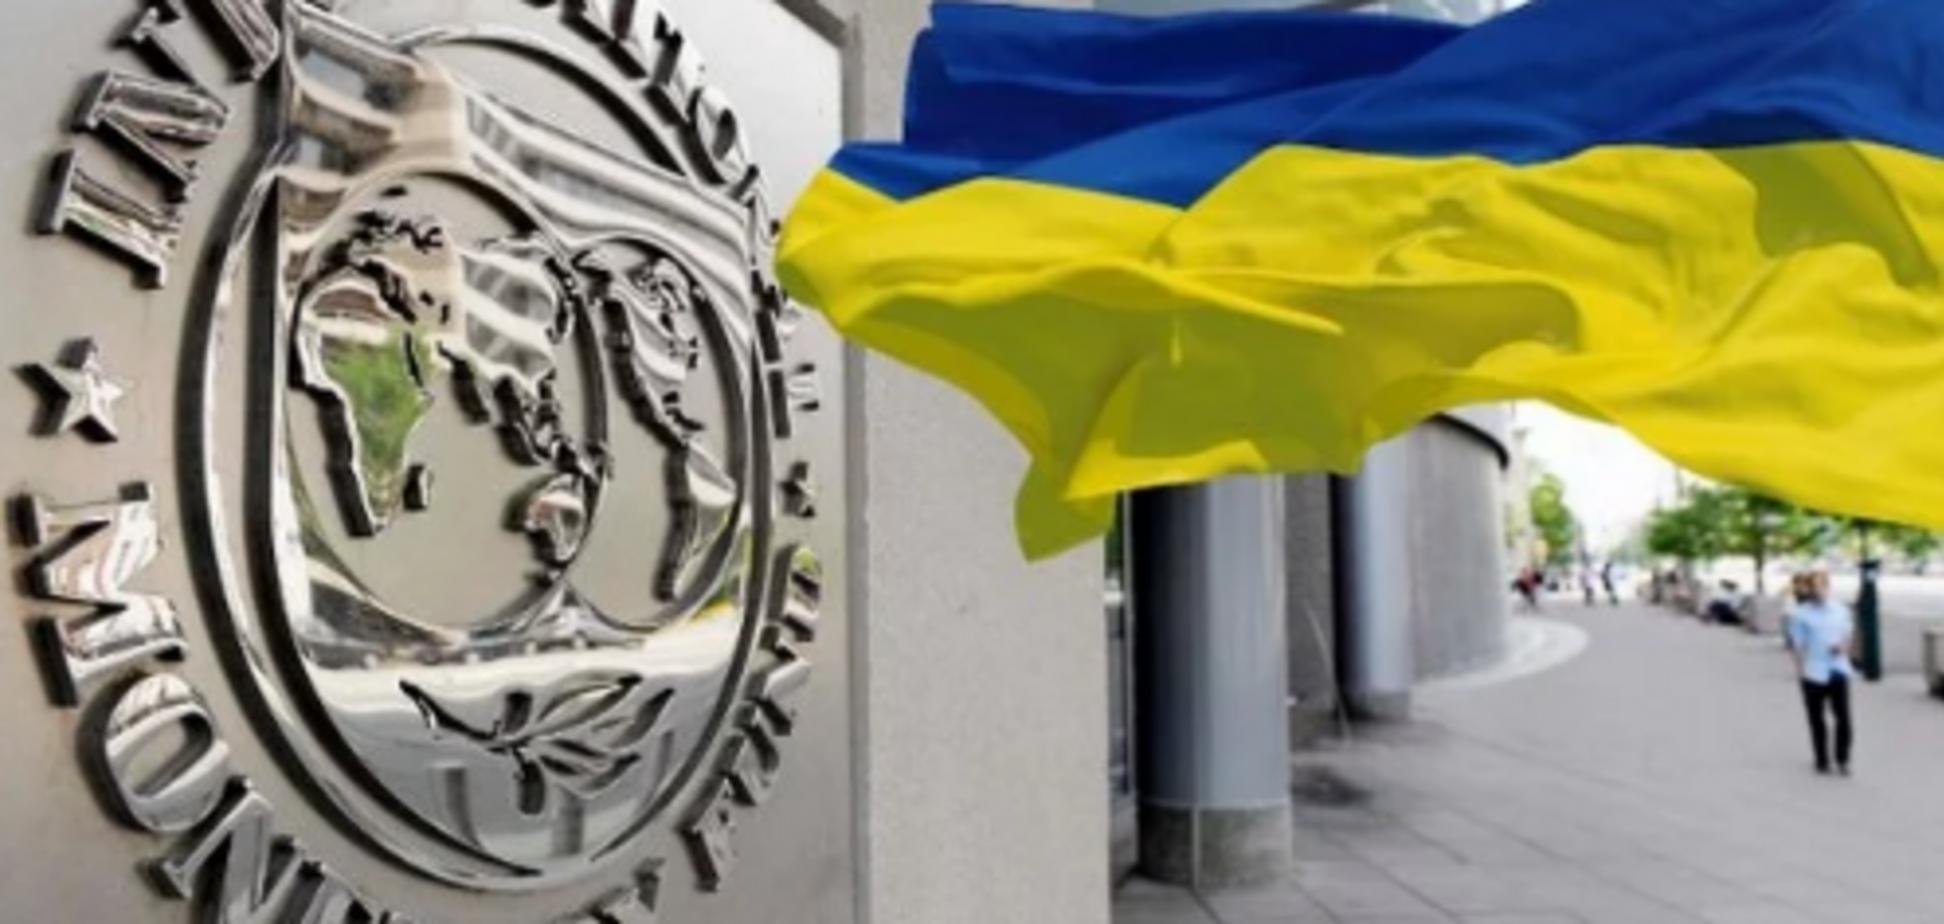 $3,9 млрд от МВФ: раскрыты детали судьбоносного для Украины решения